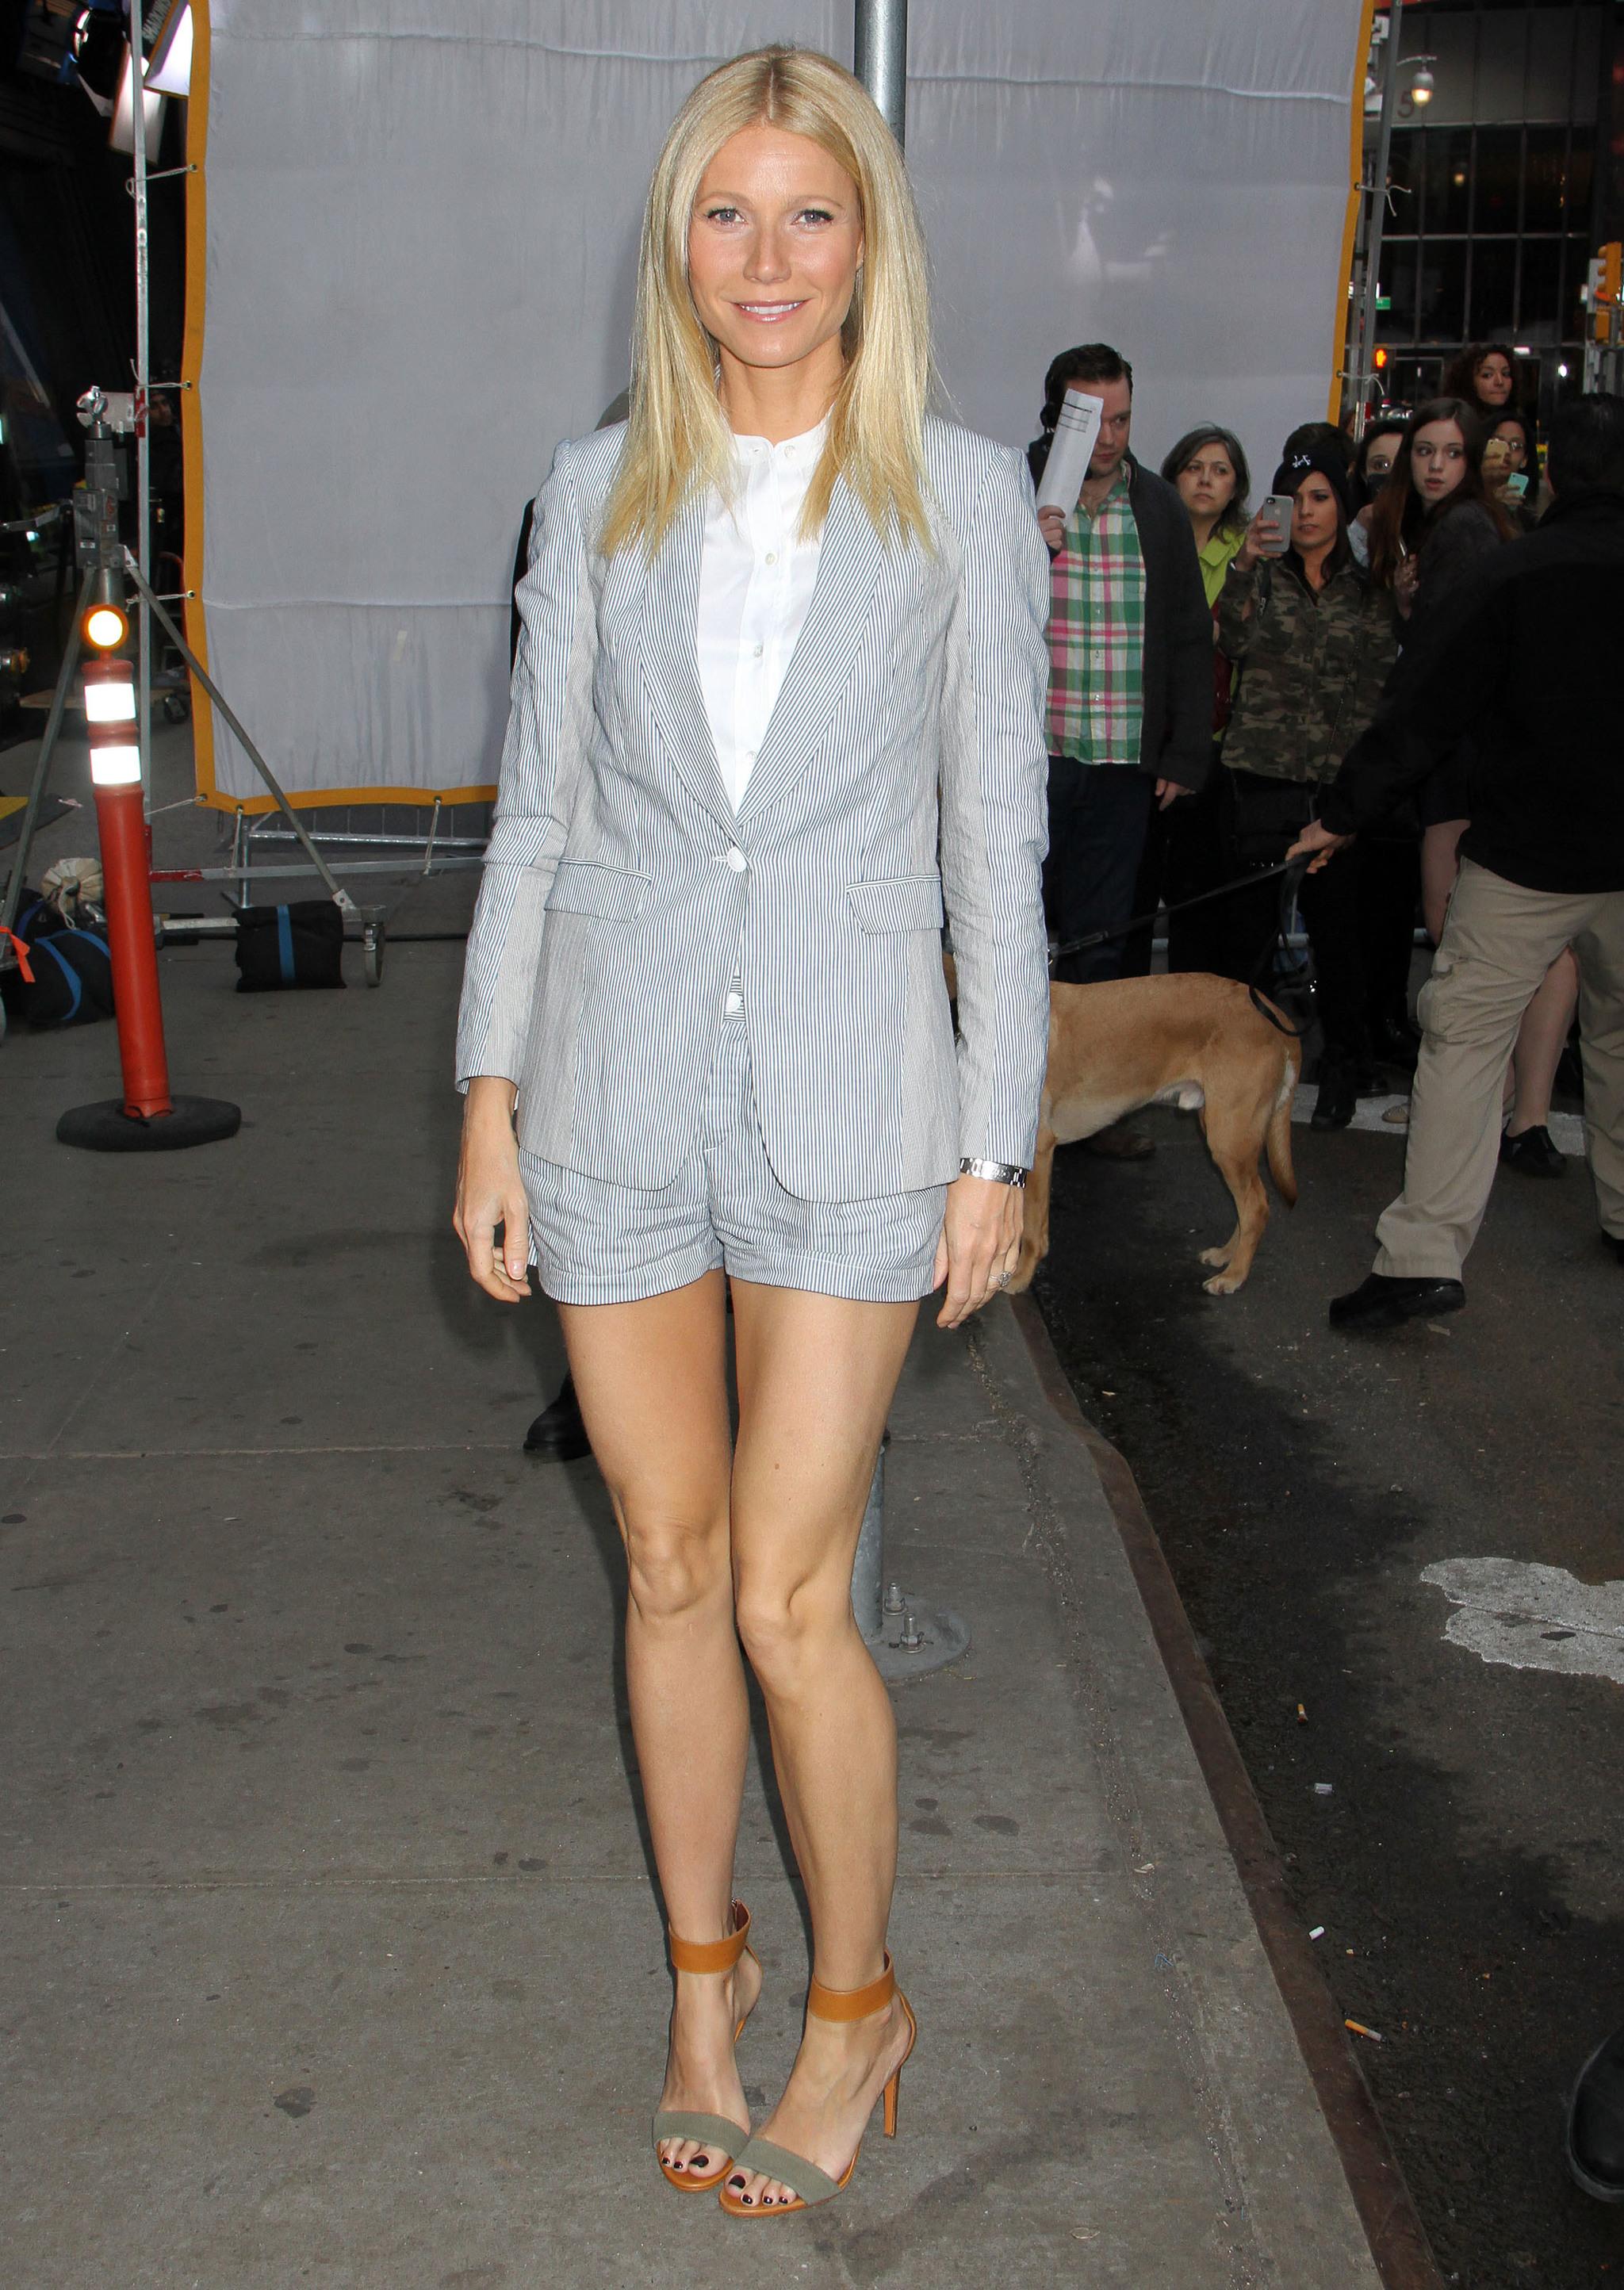 El sastre con bermudas de Gwyneth Paltrow.